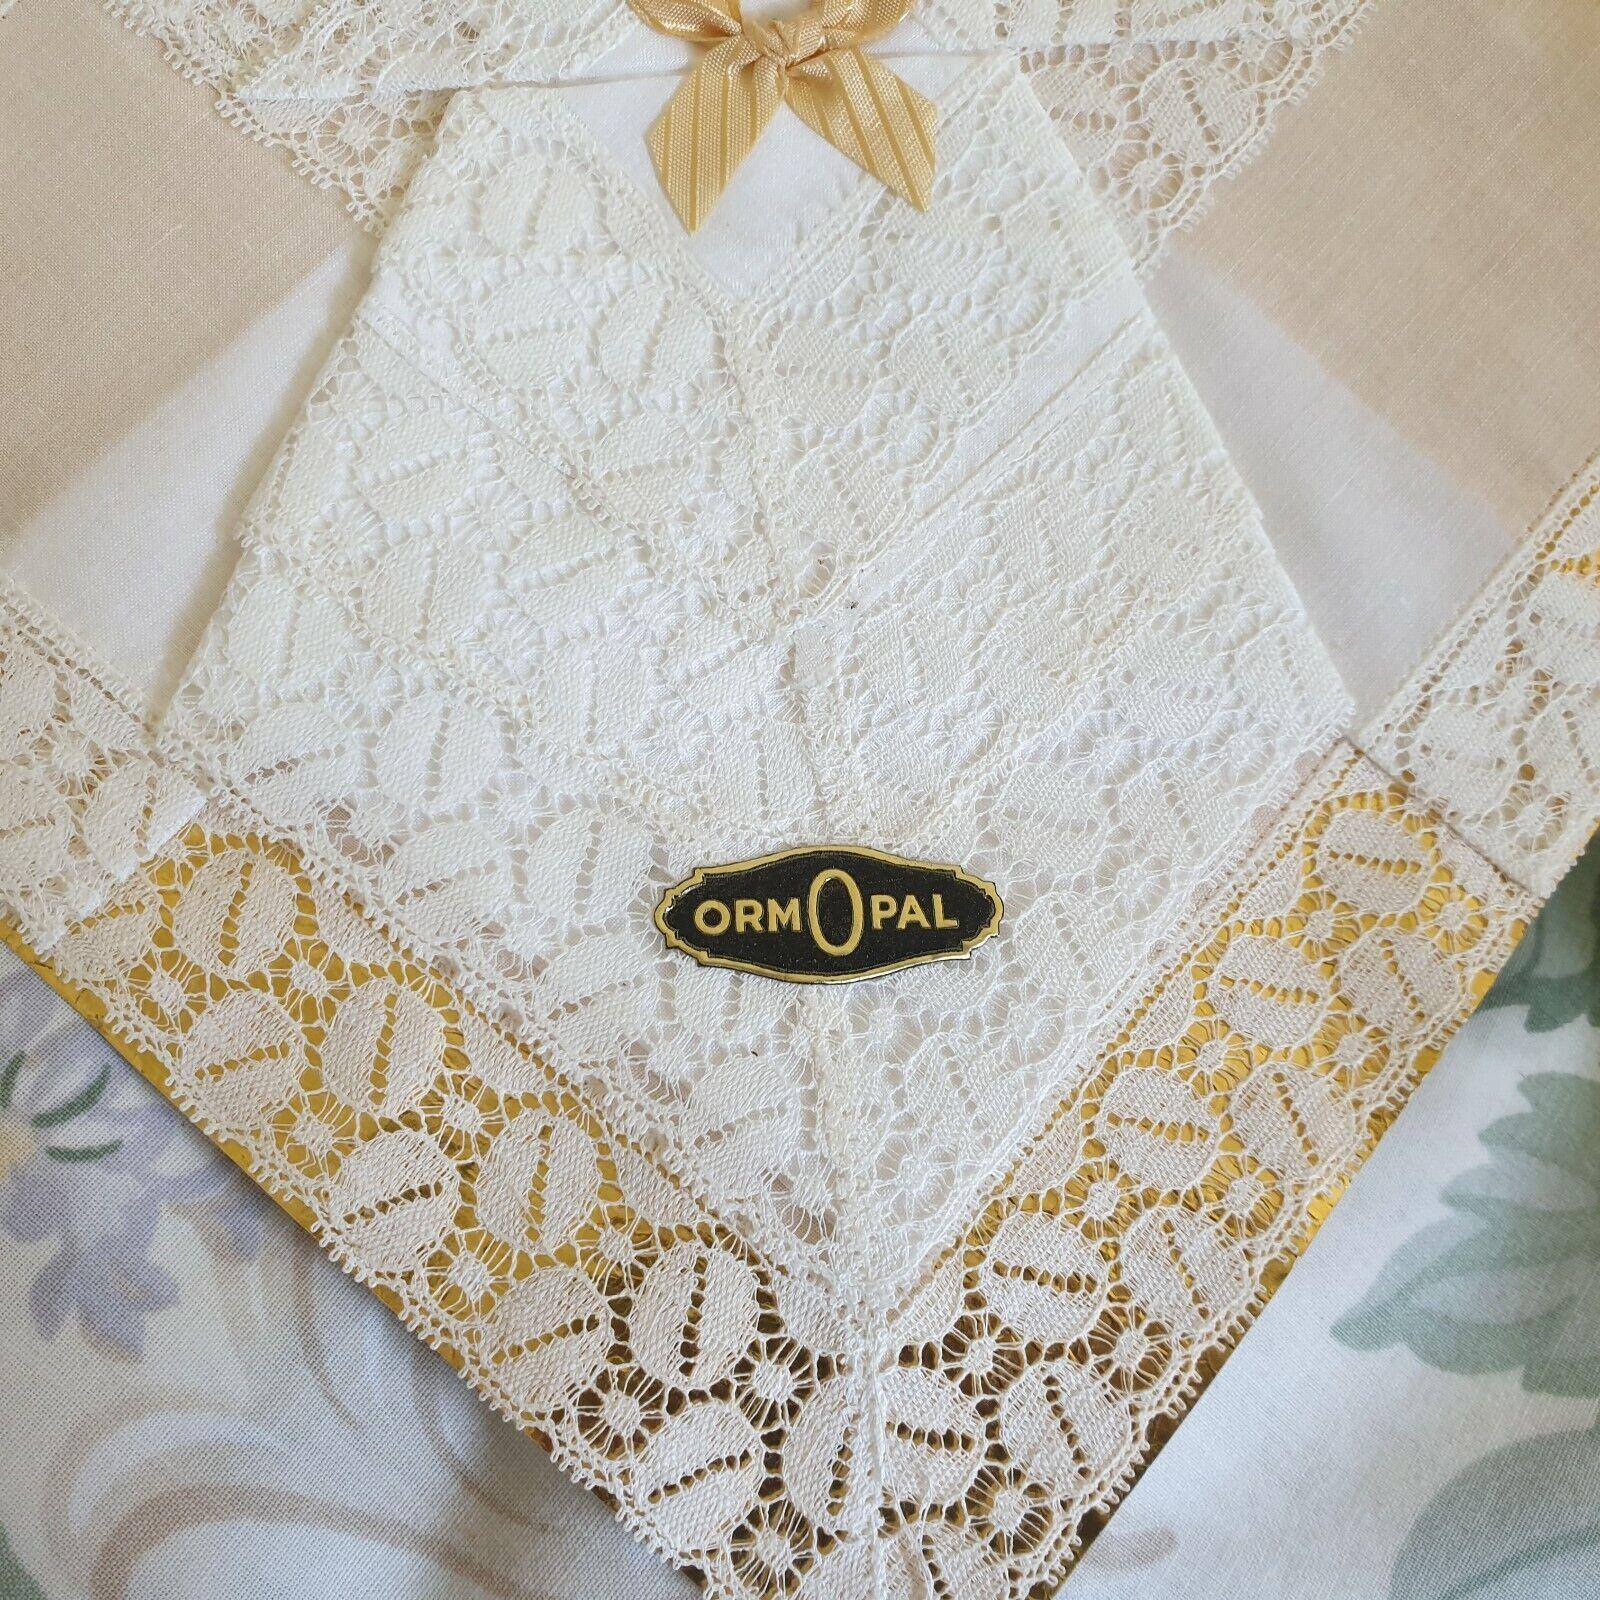 Vintage 50s 60s White Cotton Lace Handkerchiefs x 3